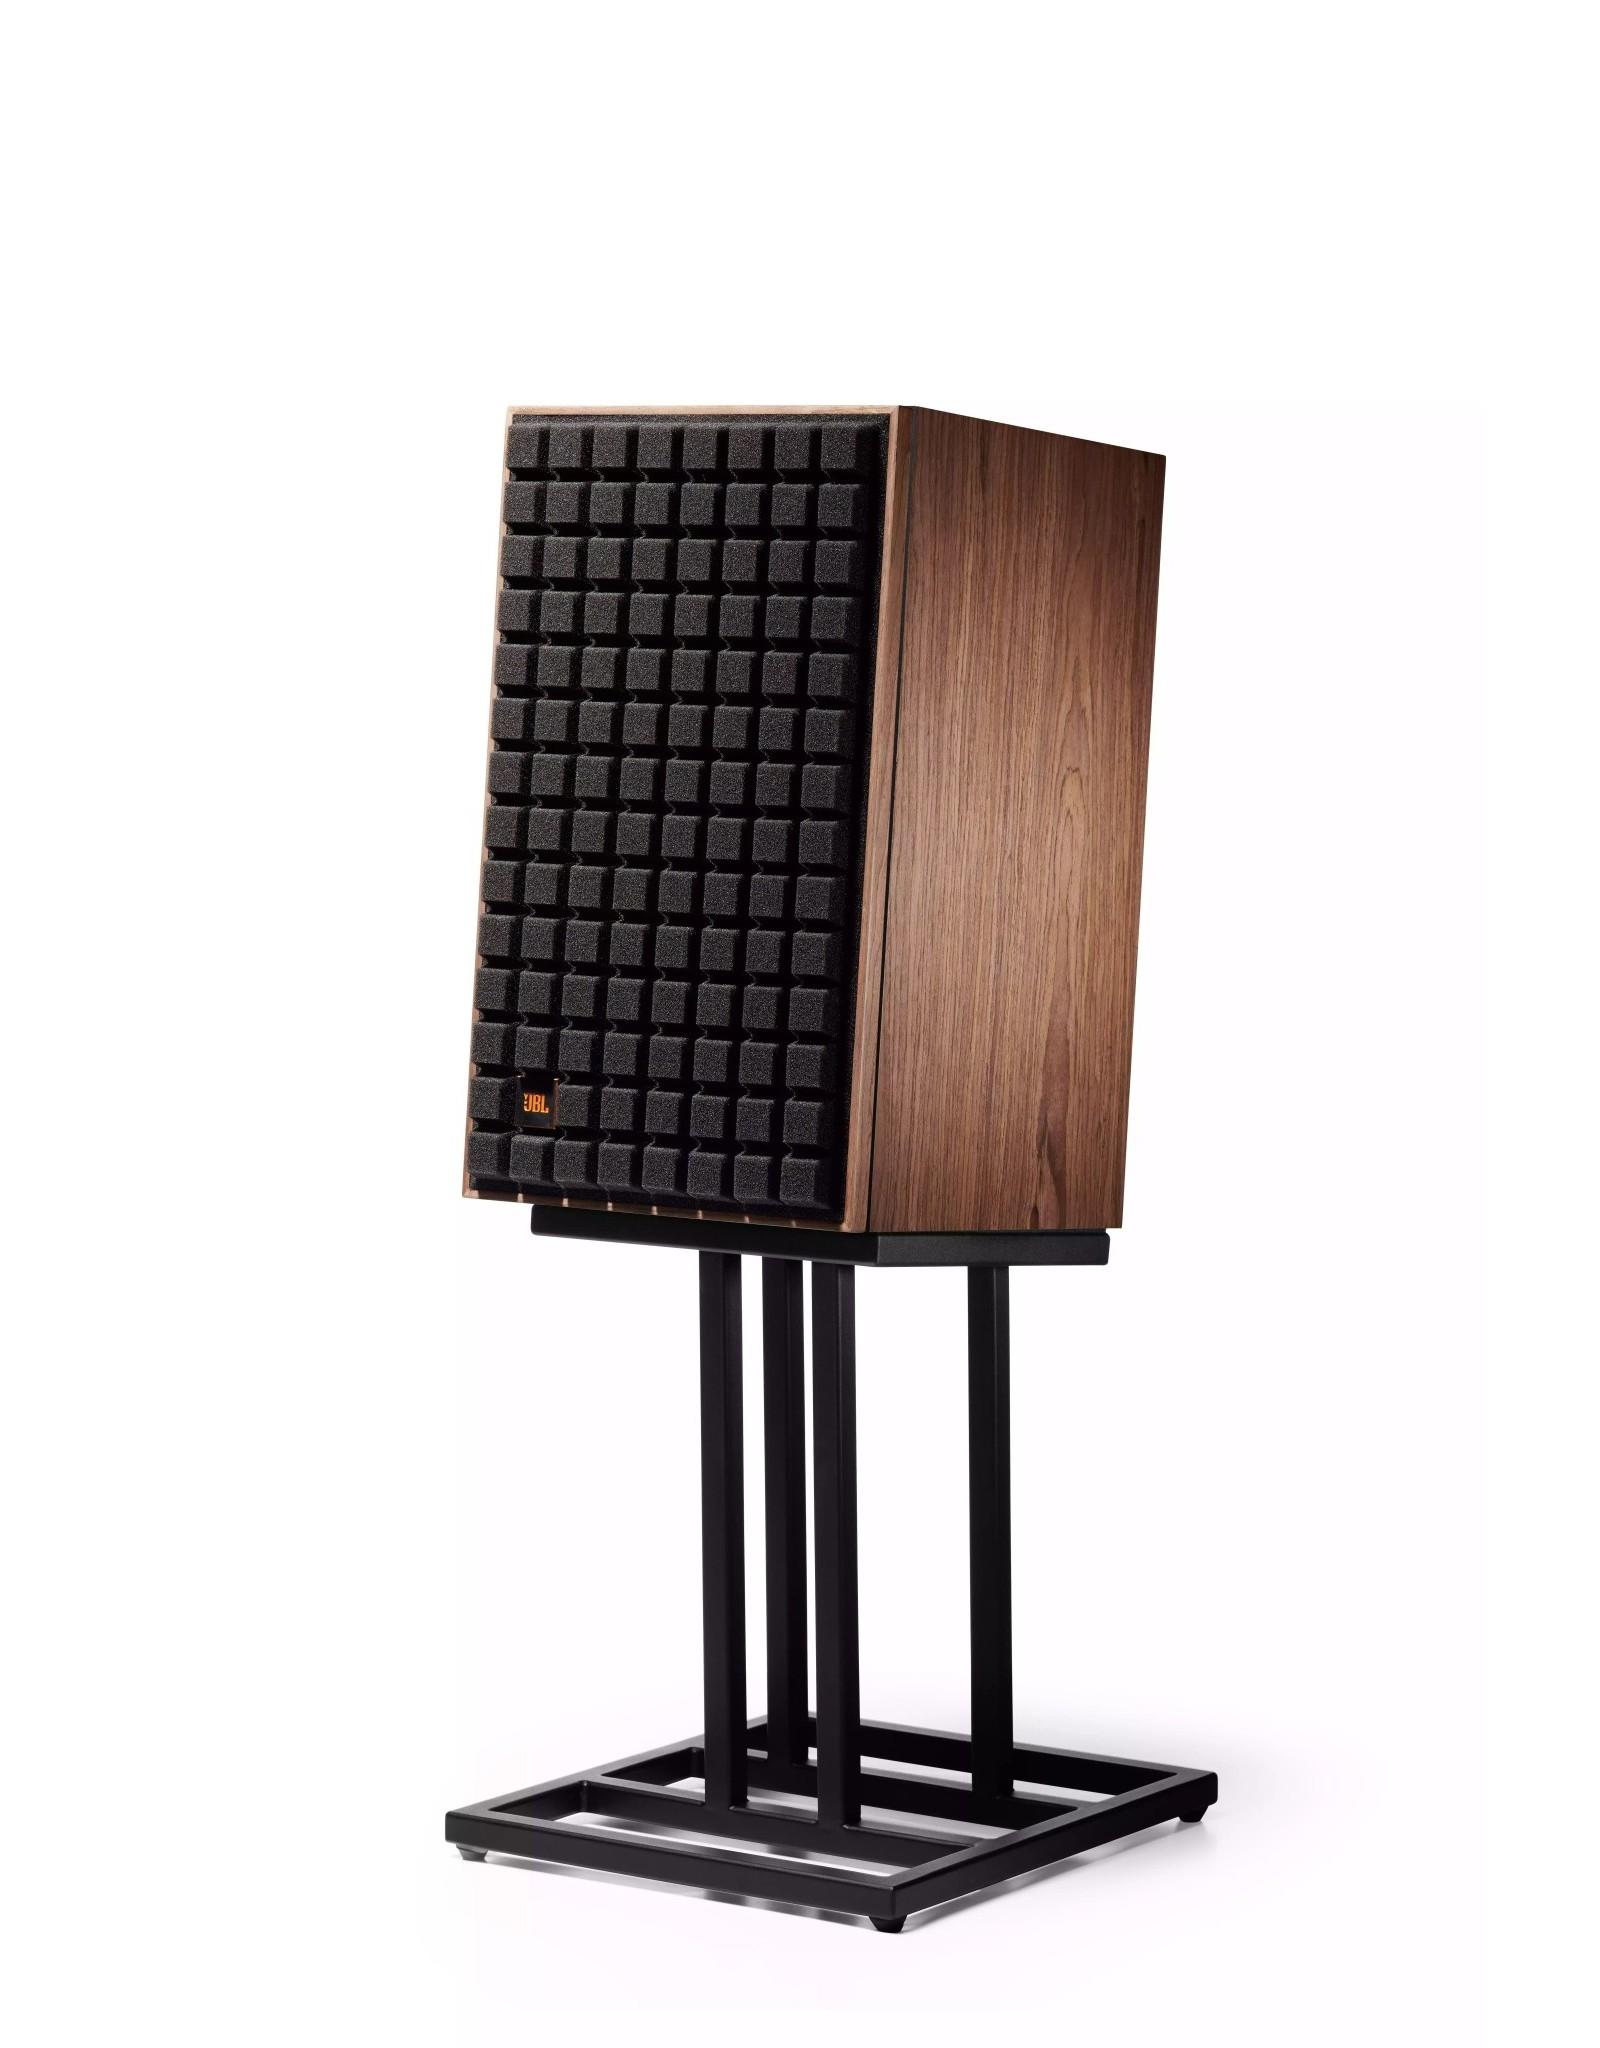 JBL JBL L82 Classic Standmount Speakers (Pair)